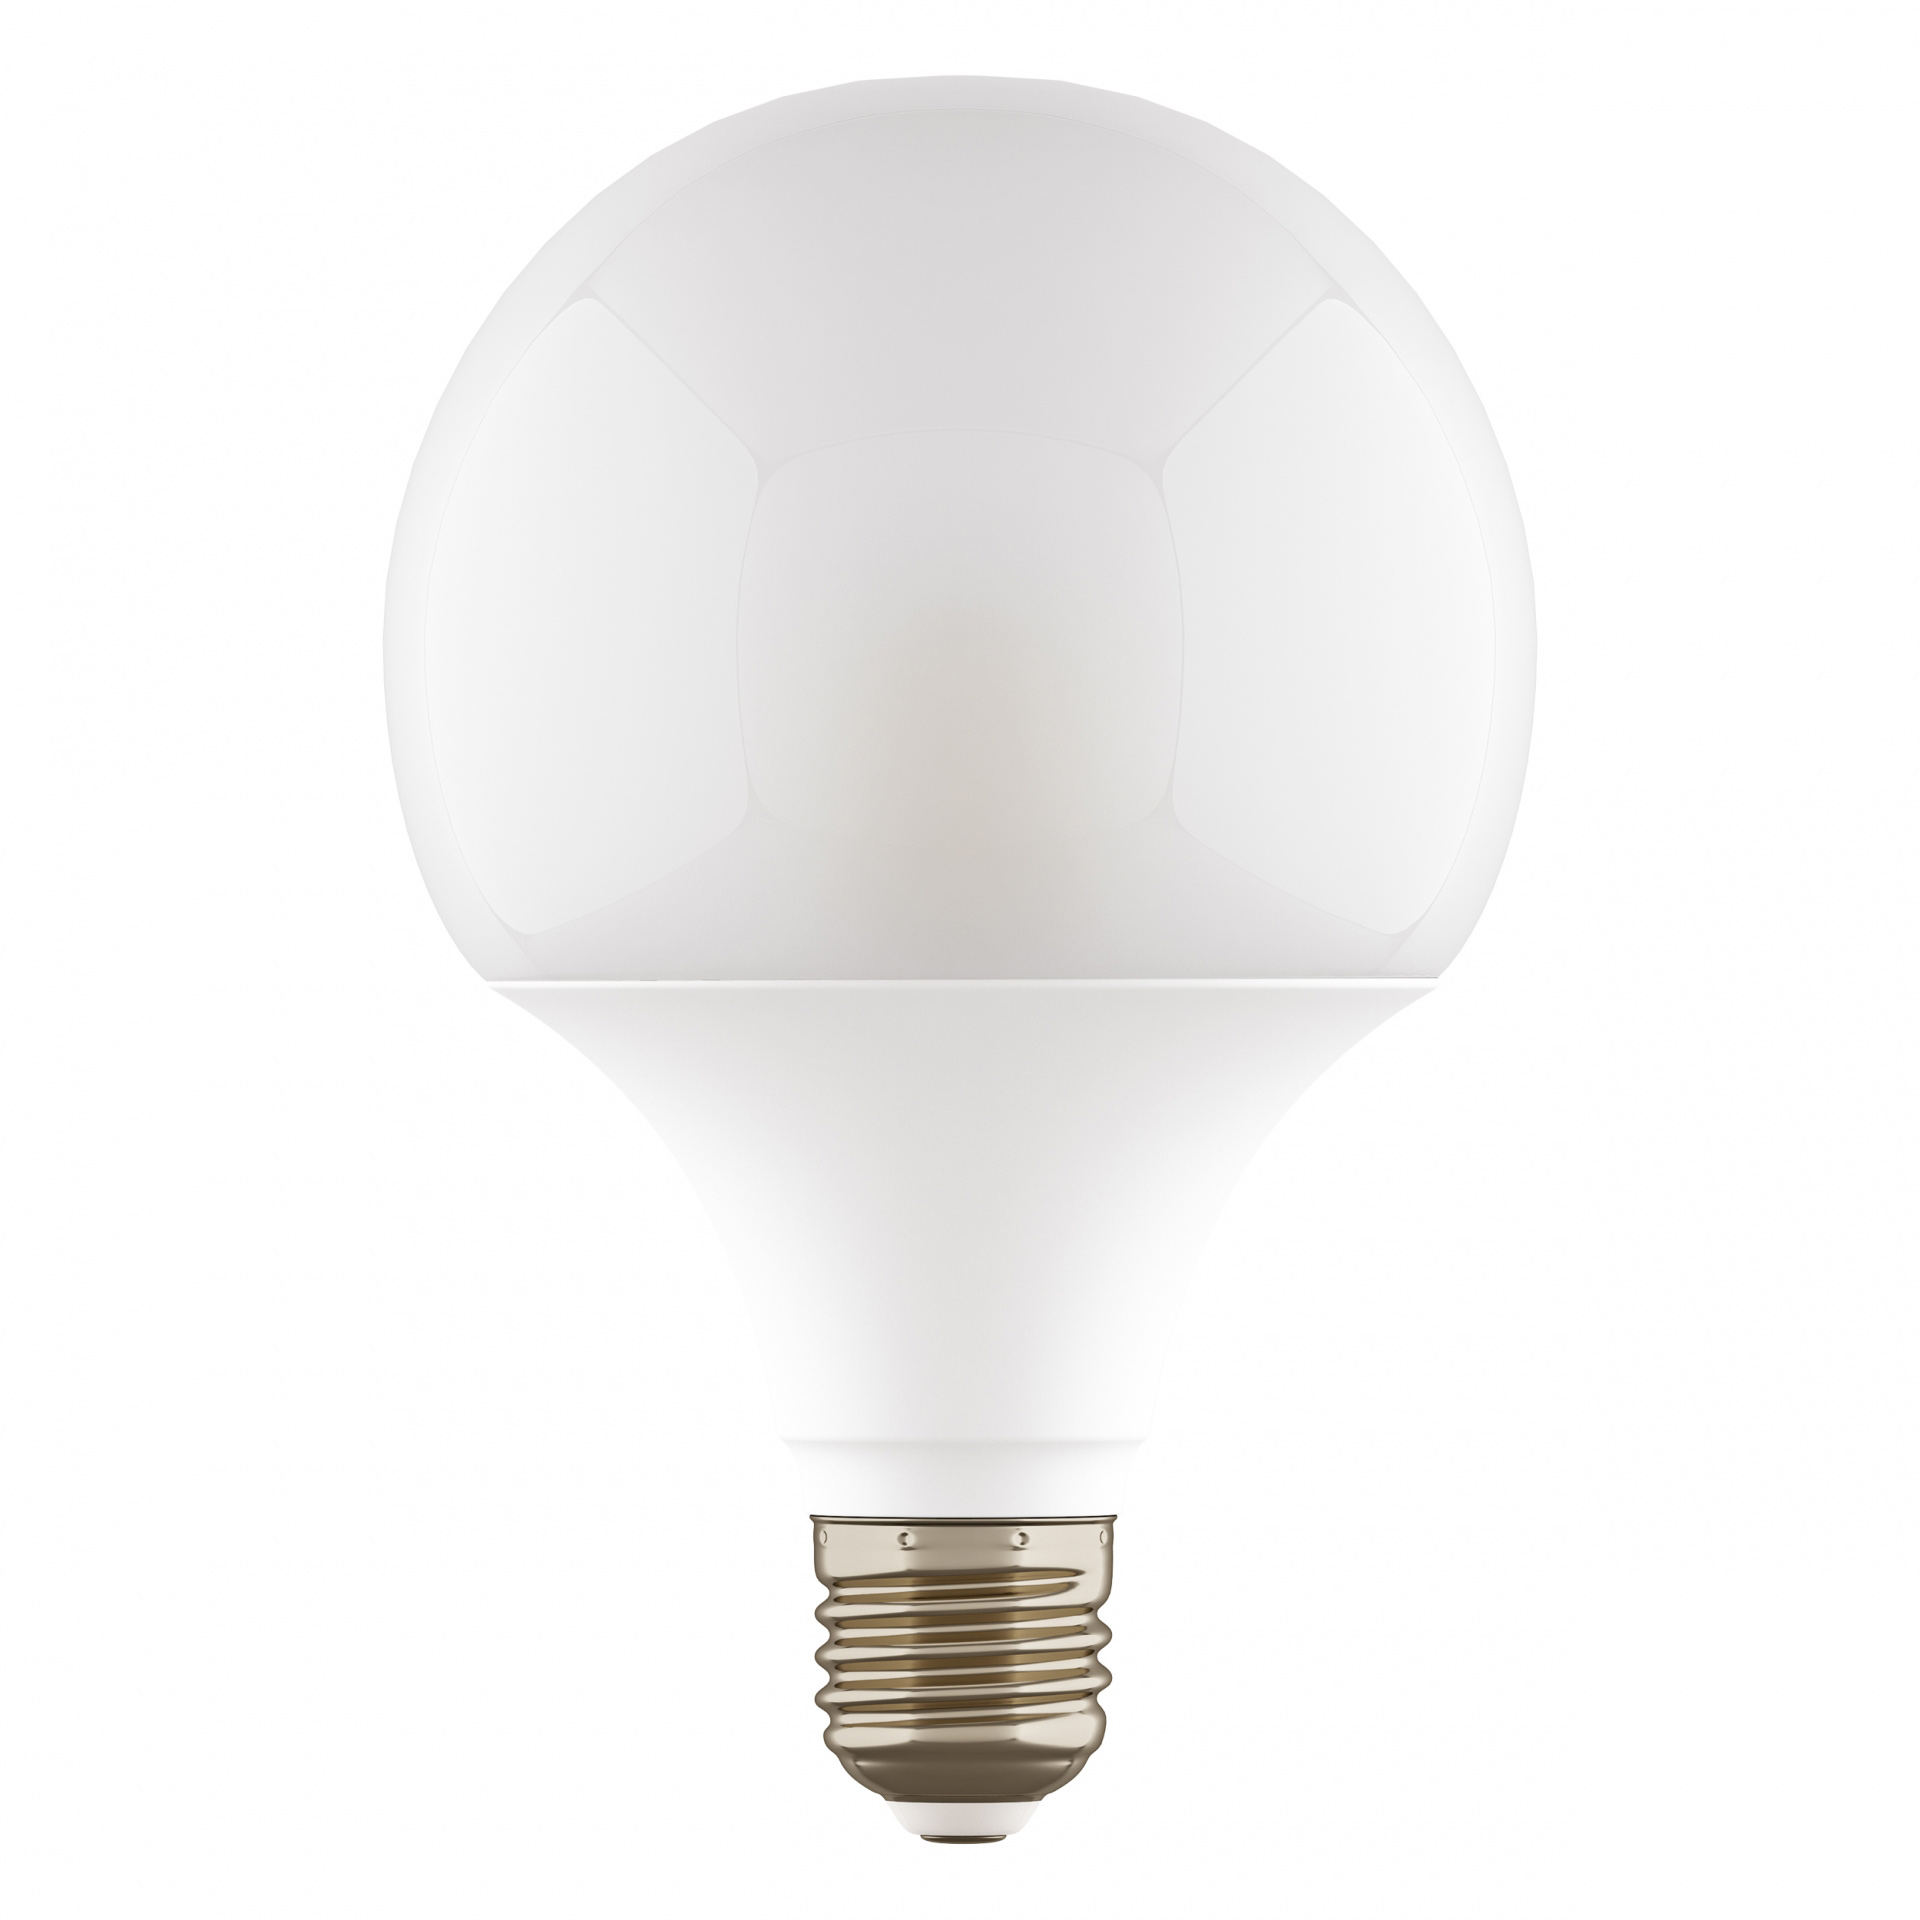 Лампа LED 220V G95 E27 12W=120W 1050LM 180G WH 3000K 20000H DIMM Lightstar 931302, купить в СПб, Москве, с доставкой, Санкт-Петербург, интернет-магазин люстр и светильников Starlight, фото в жизни